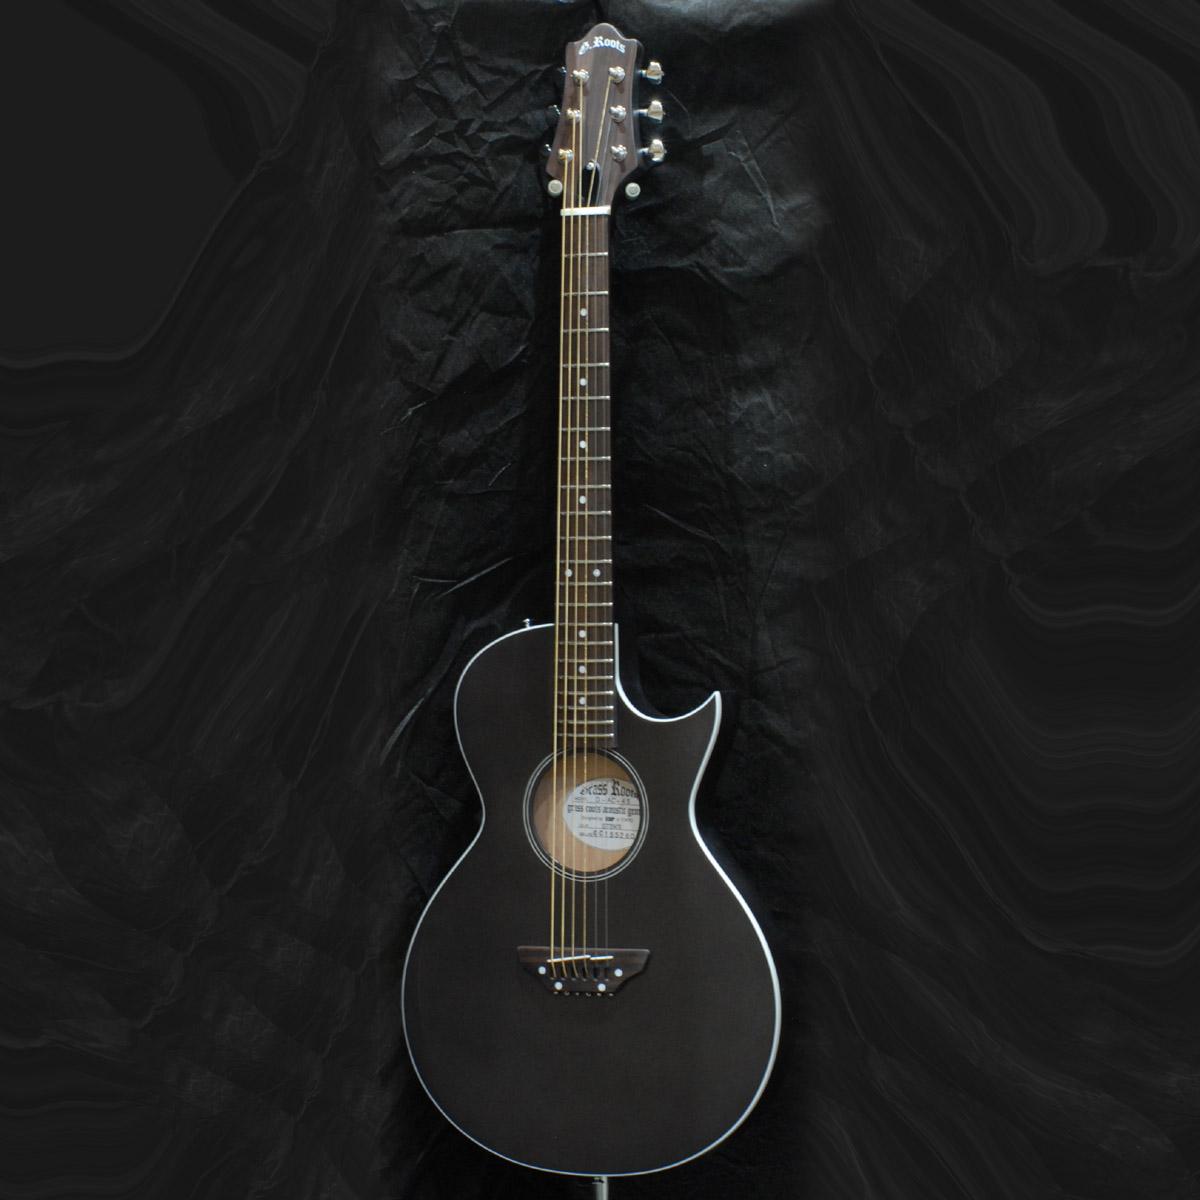 【気質アップ】 【ふるさと納税 SATIN G-AC-45】アコースティックギター STBK G-AC-45 STBK SATIN, InKorea:1b928eb3 --- travelarse.xyz